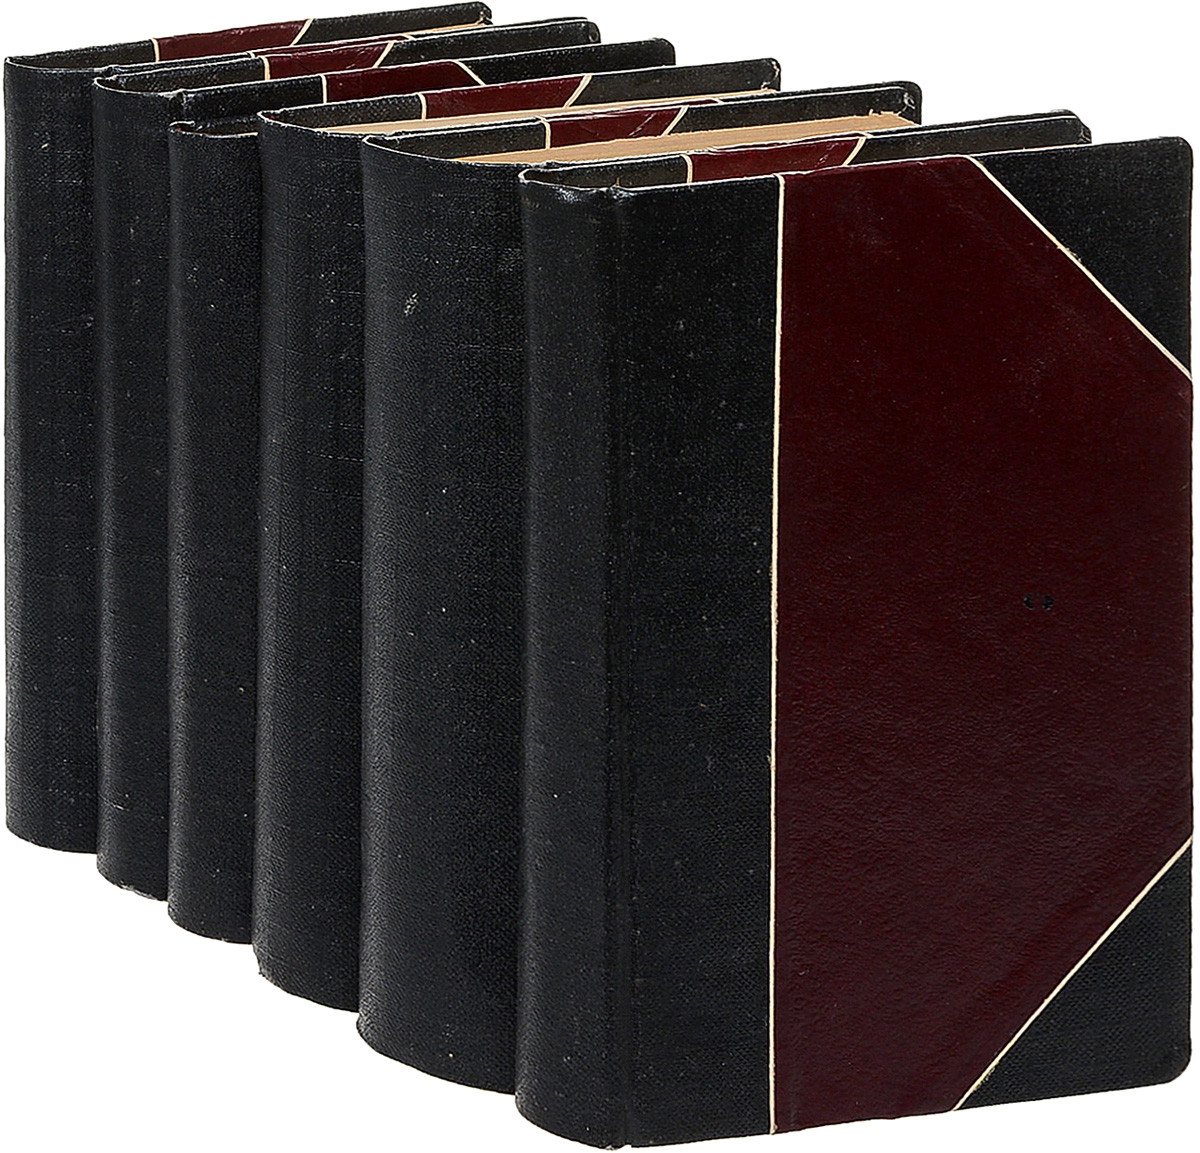 Н. Г. Гарин. Полное собрание сочинений в 8 томах (комплект из 6 книг)